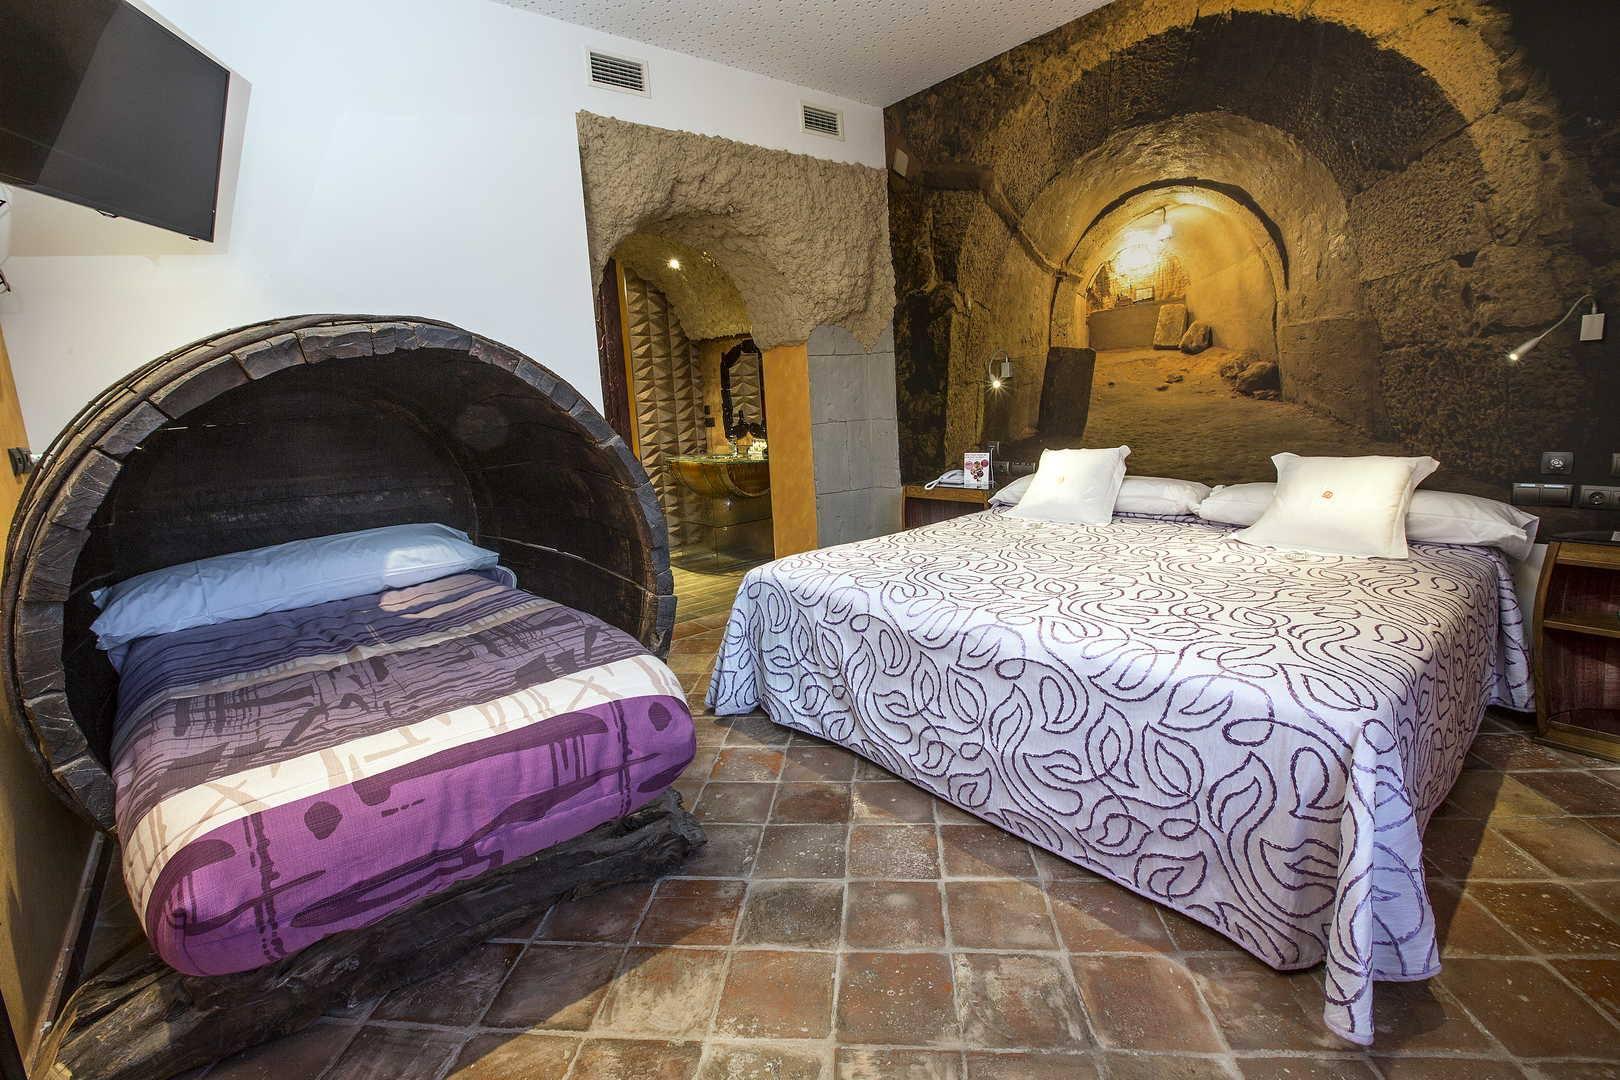 Hotel Temático de la Ruta del Vino, Isilla